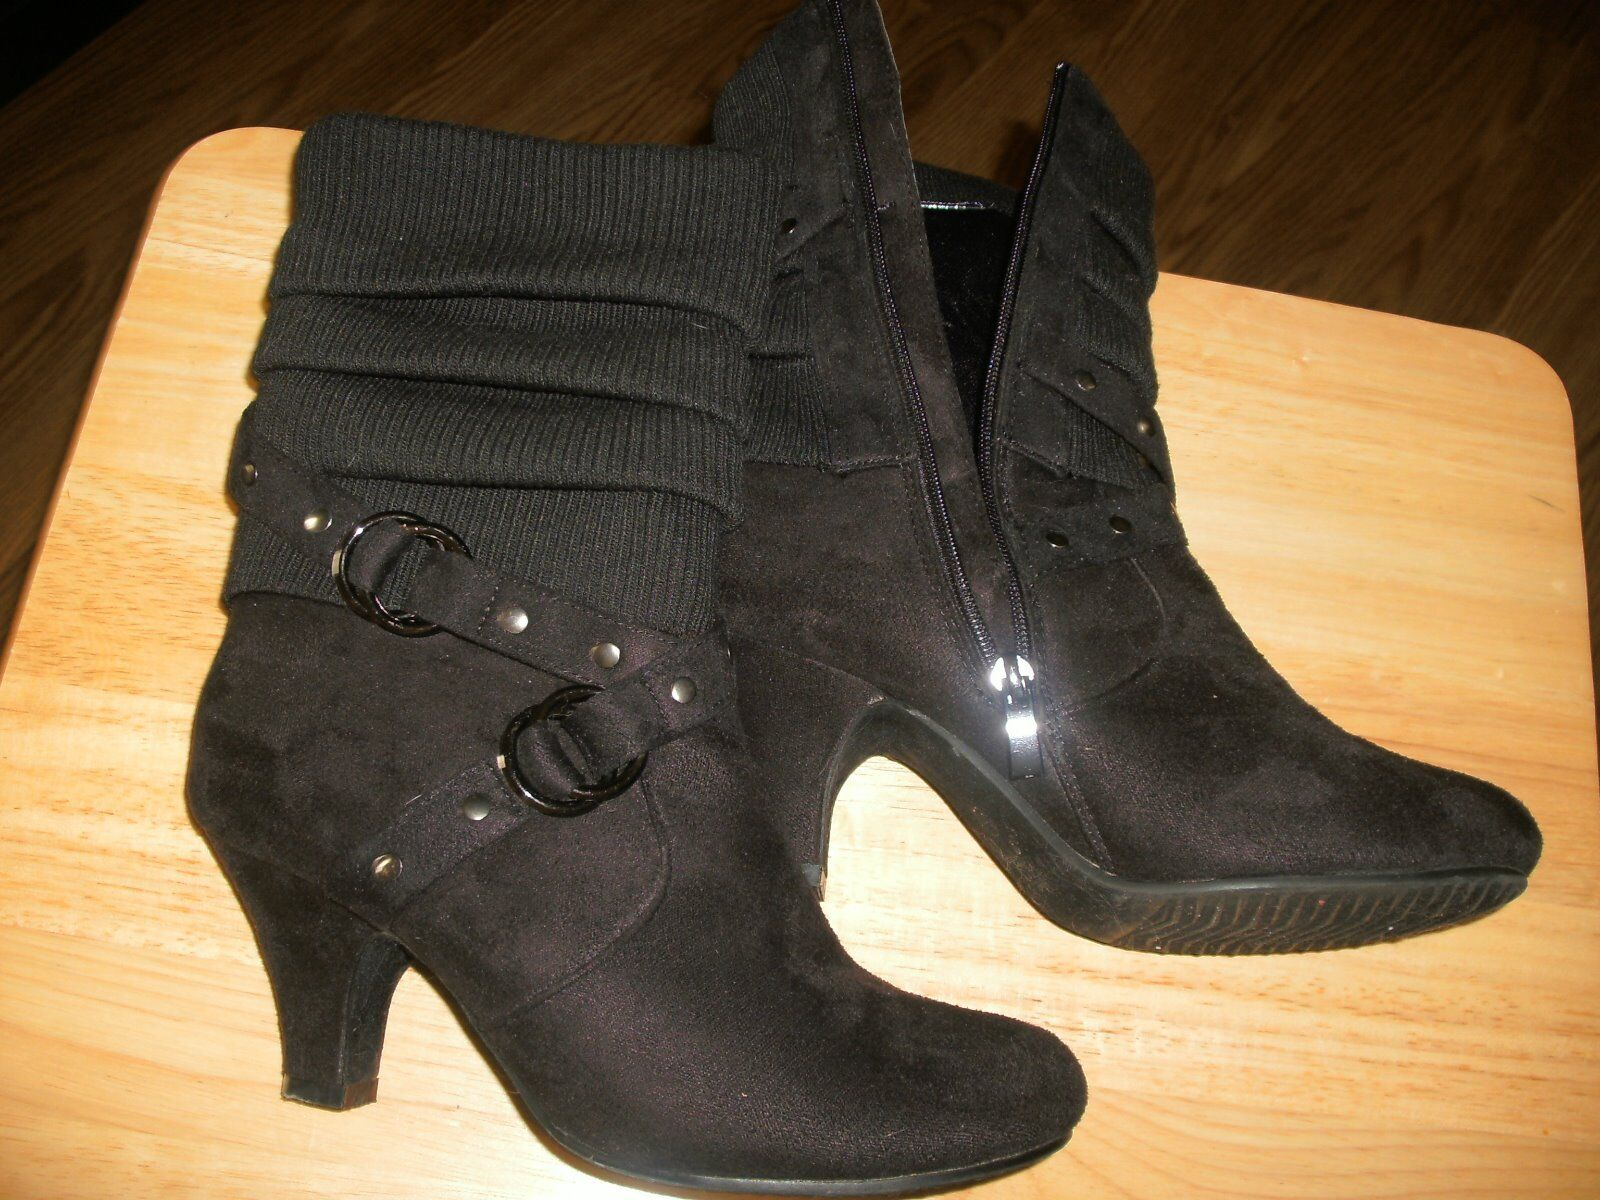 Femmes Magnifique noir 8.5 bottes Mode